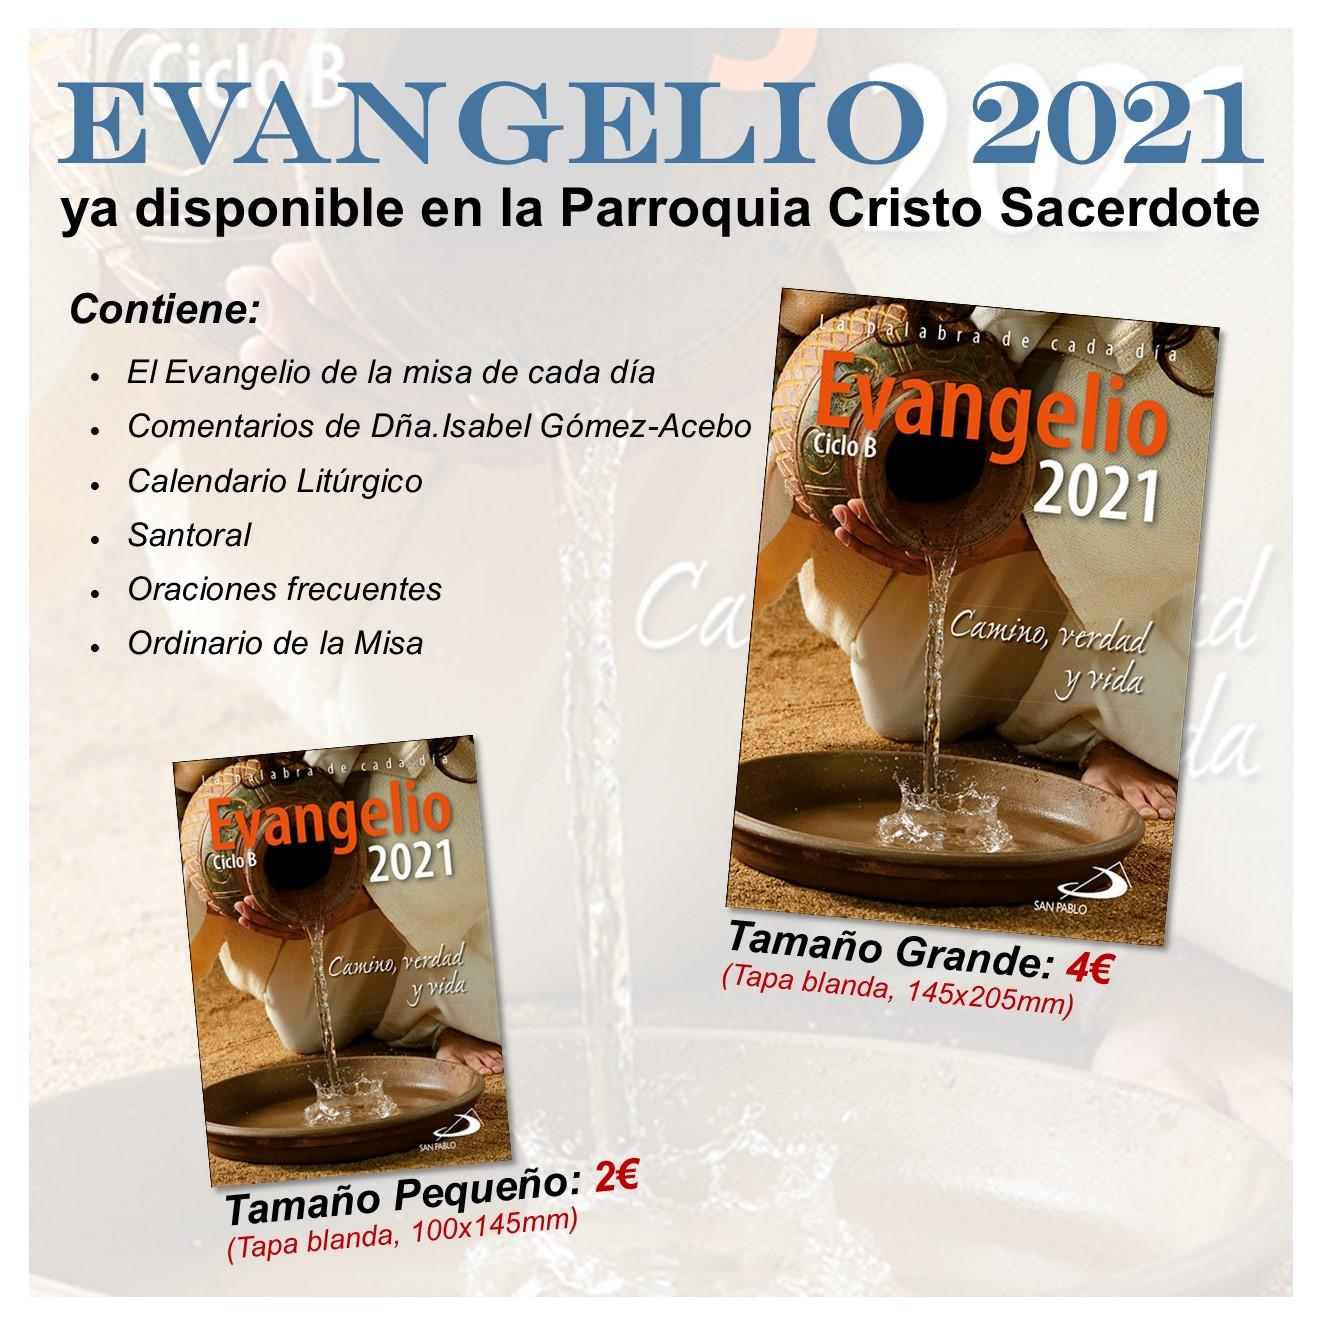 Disponible el «Evangelio 2021»